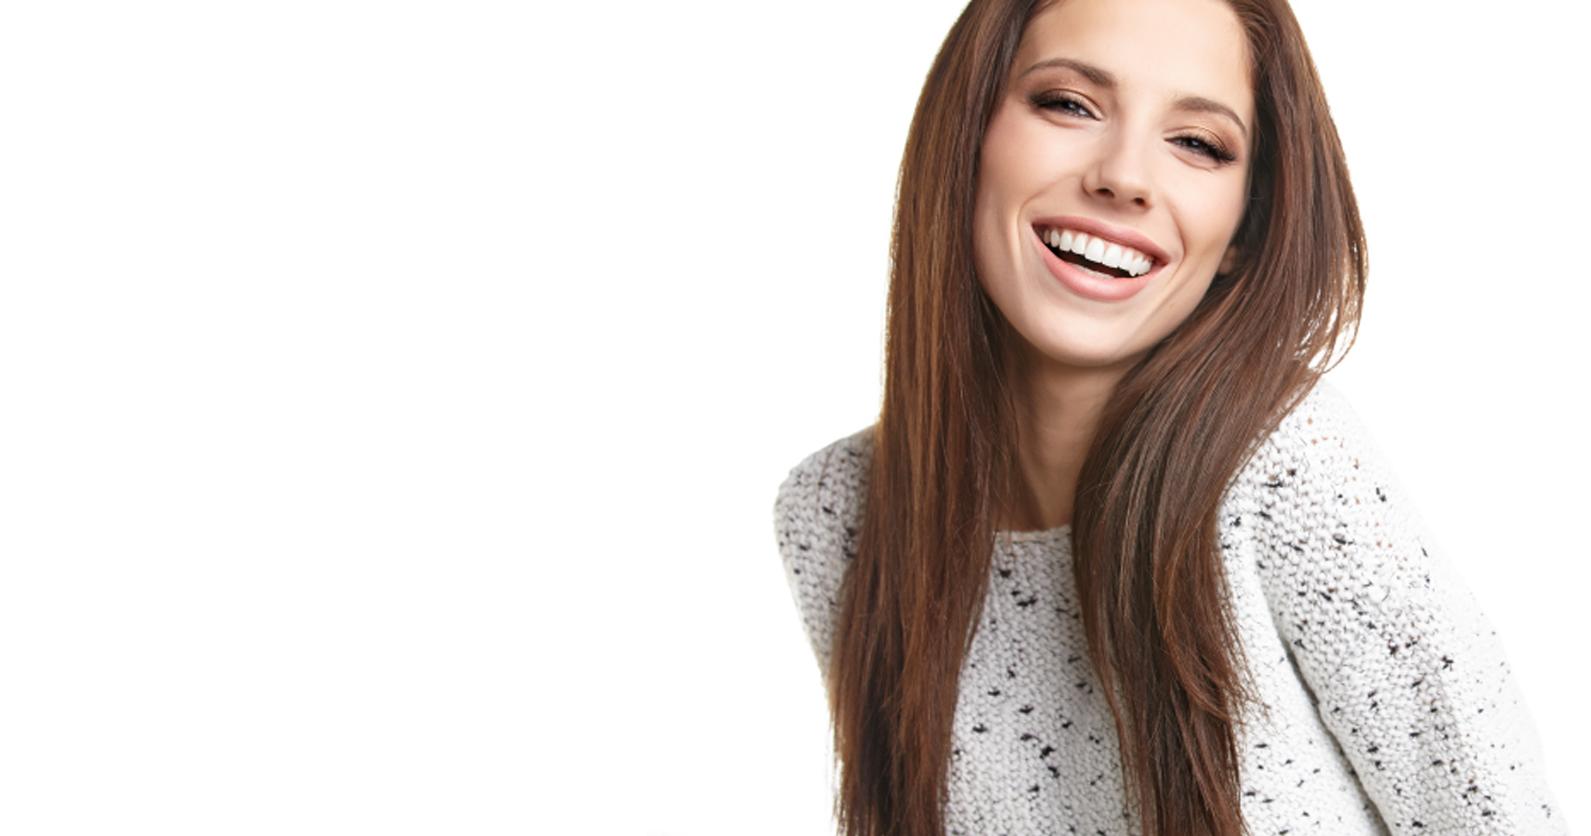 Une jeune femme au sourire soigné